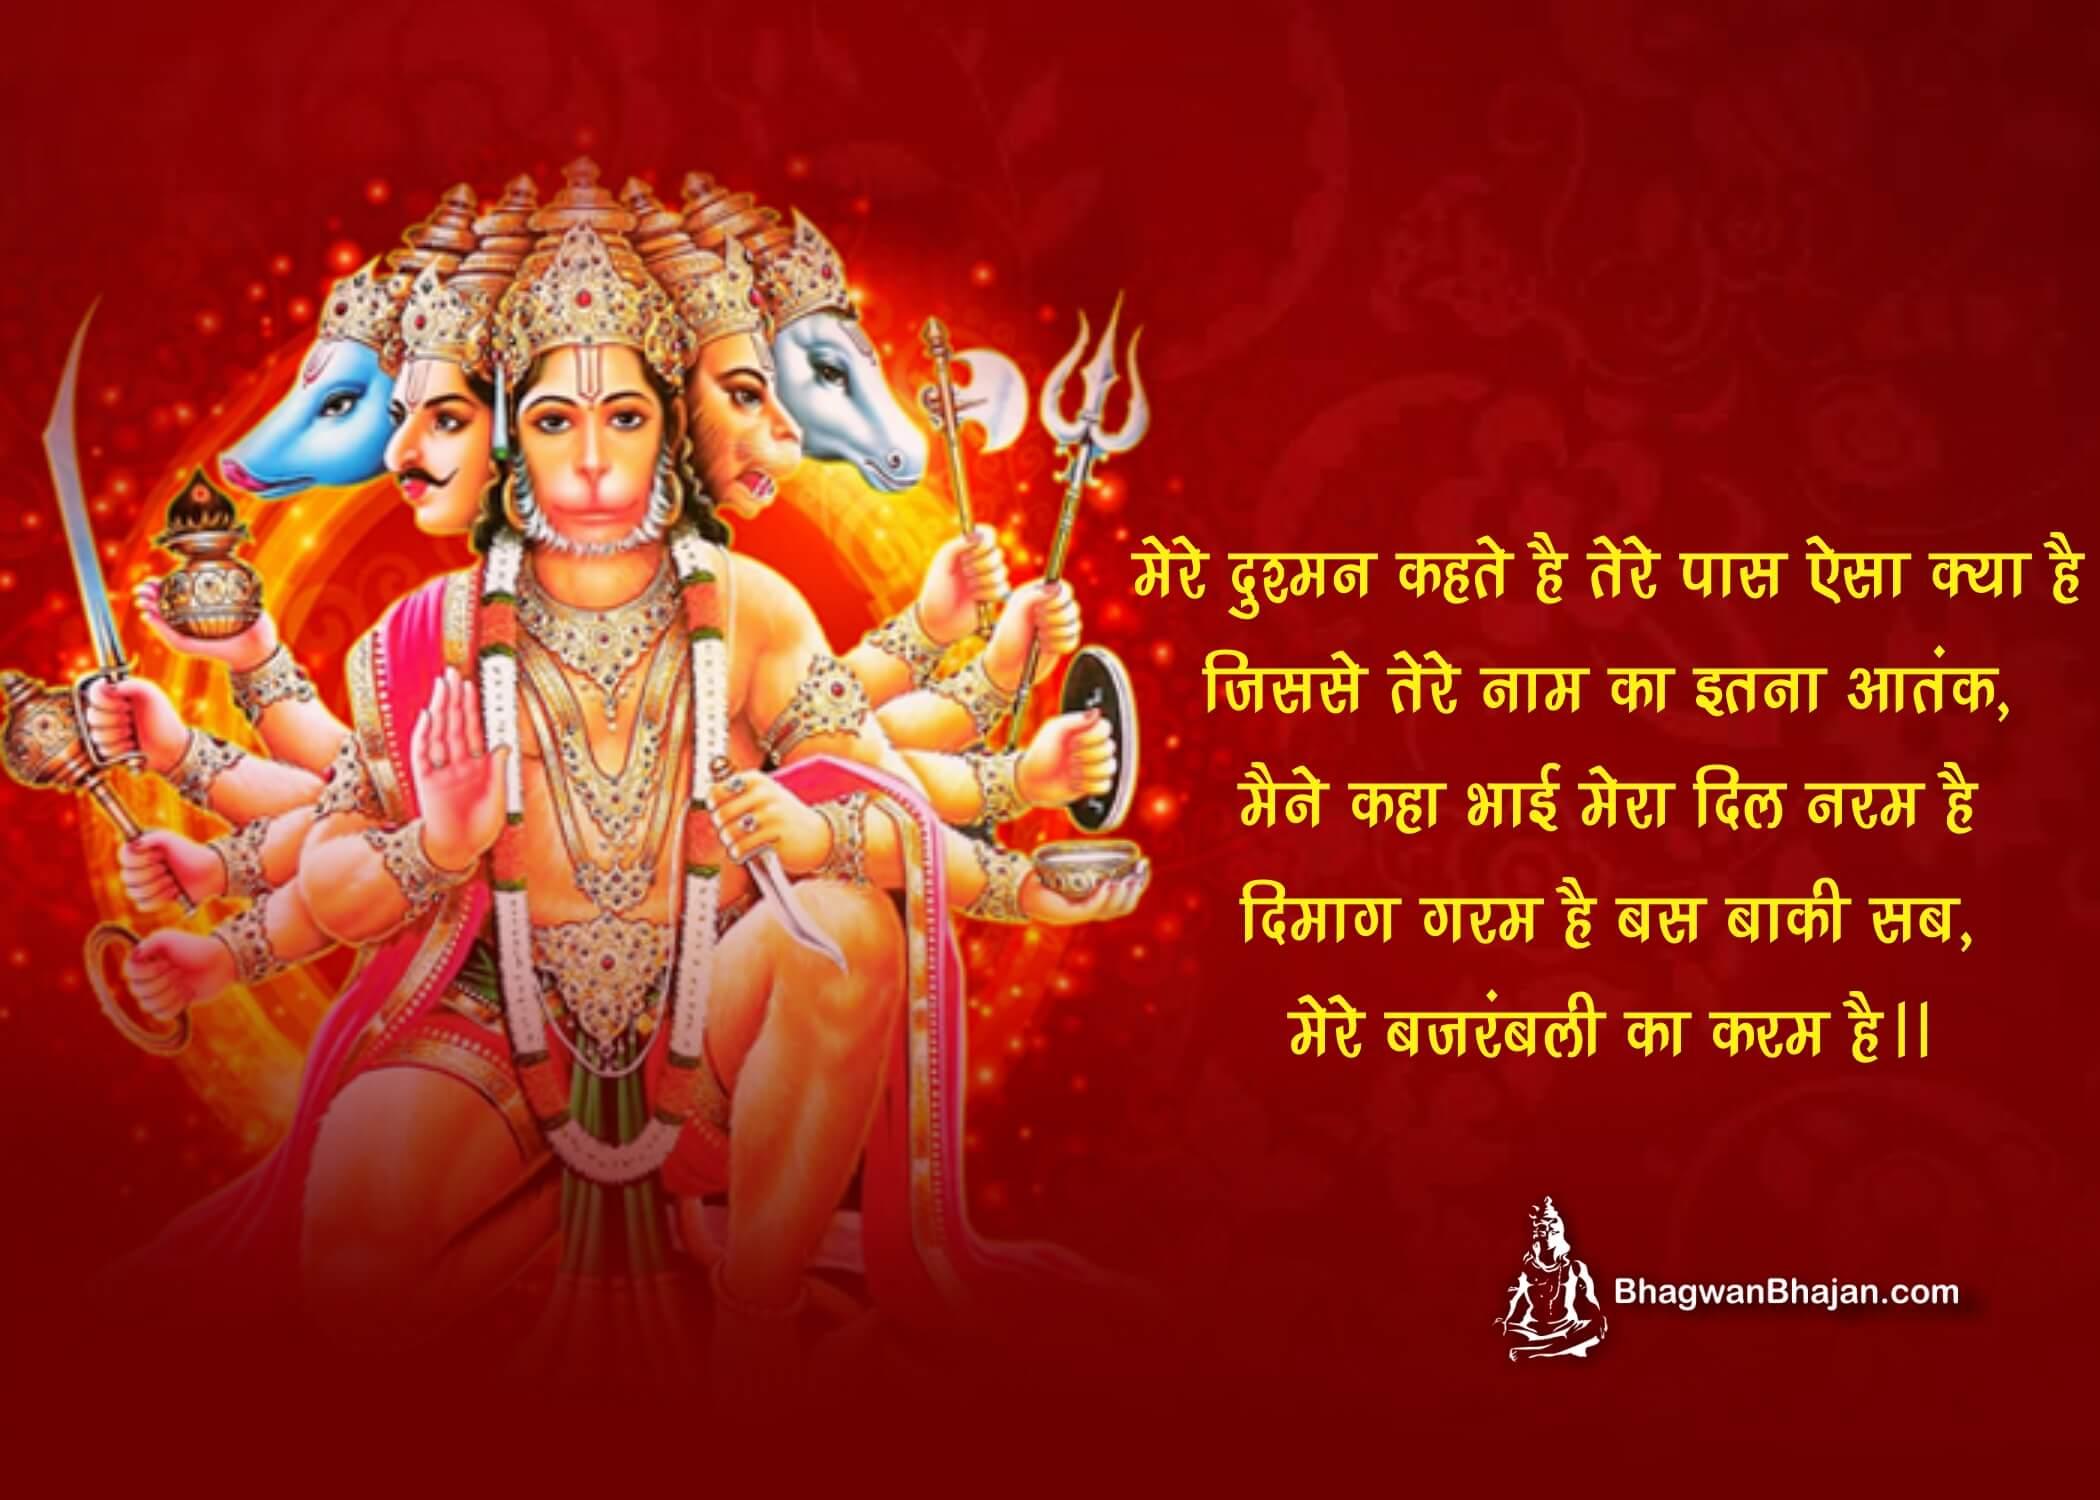 Veer Hanuman Whatsapp Status Wallpaper & Imagess